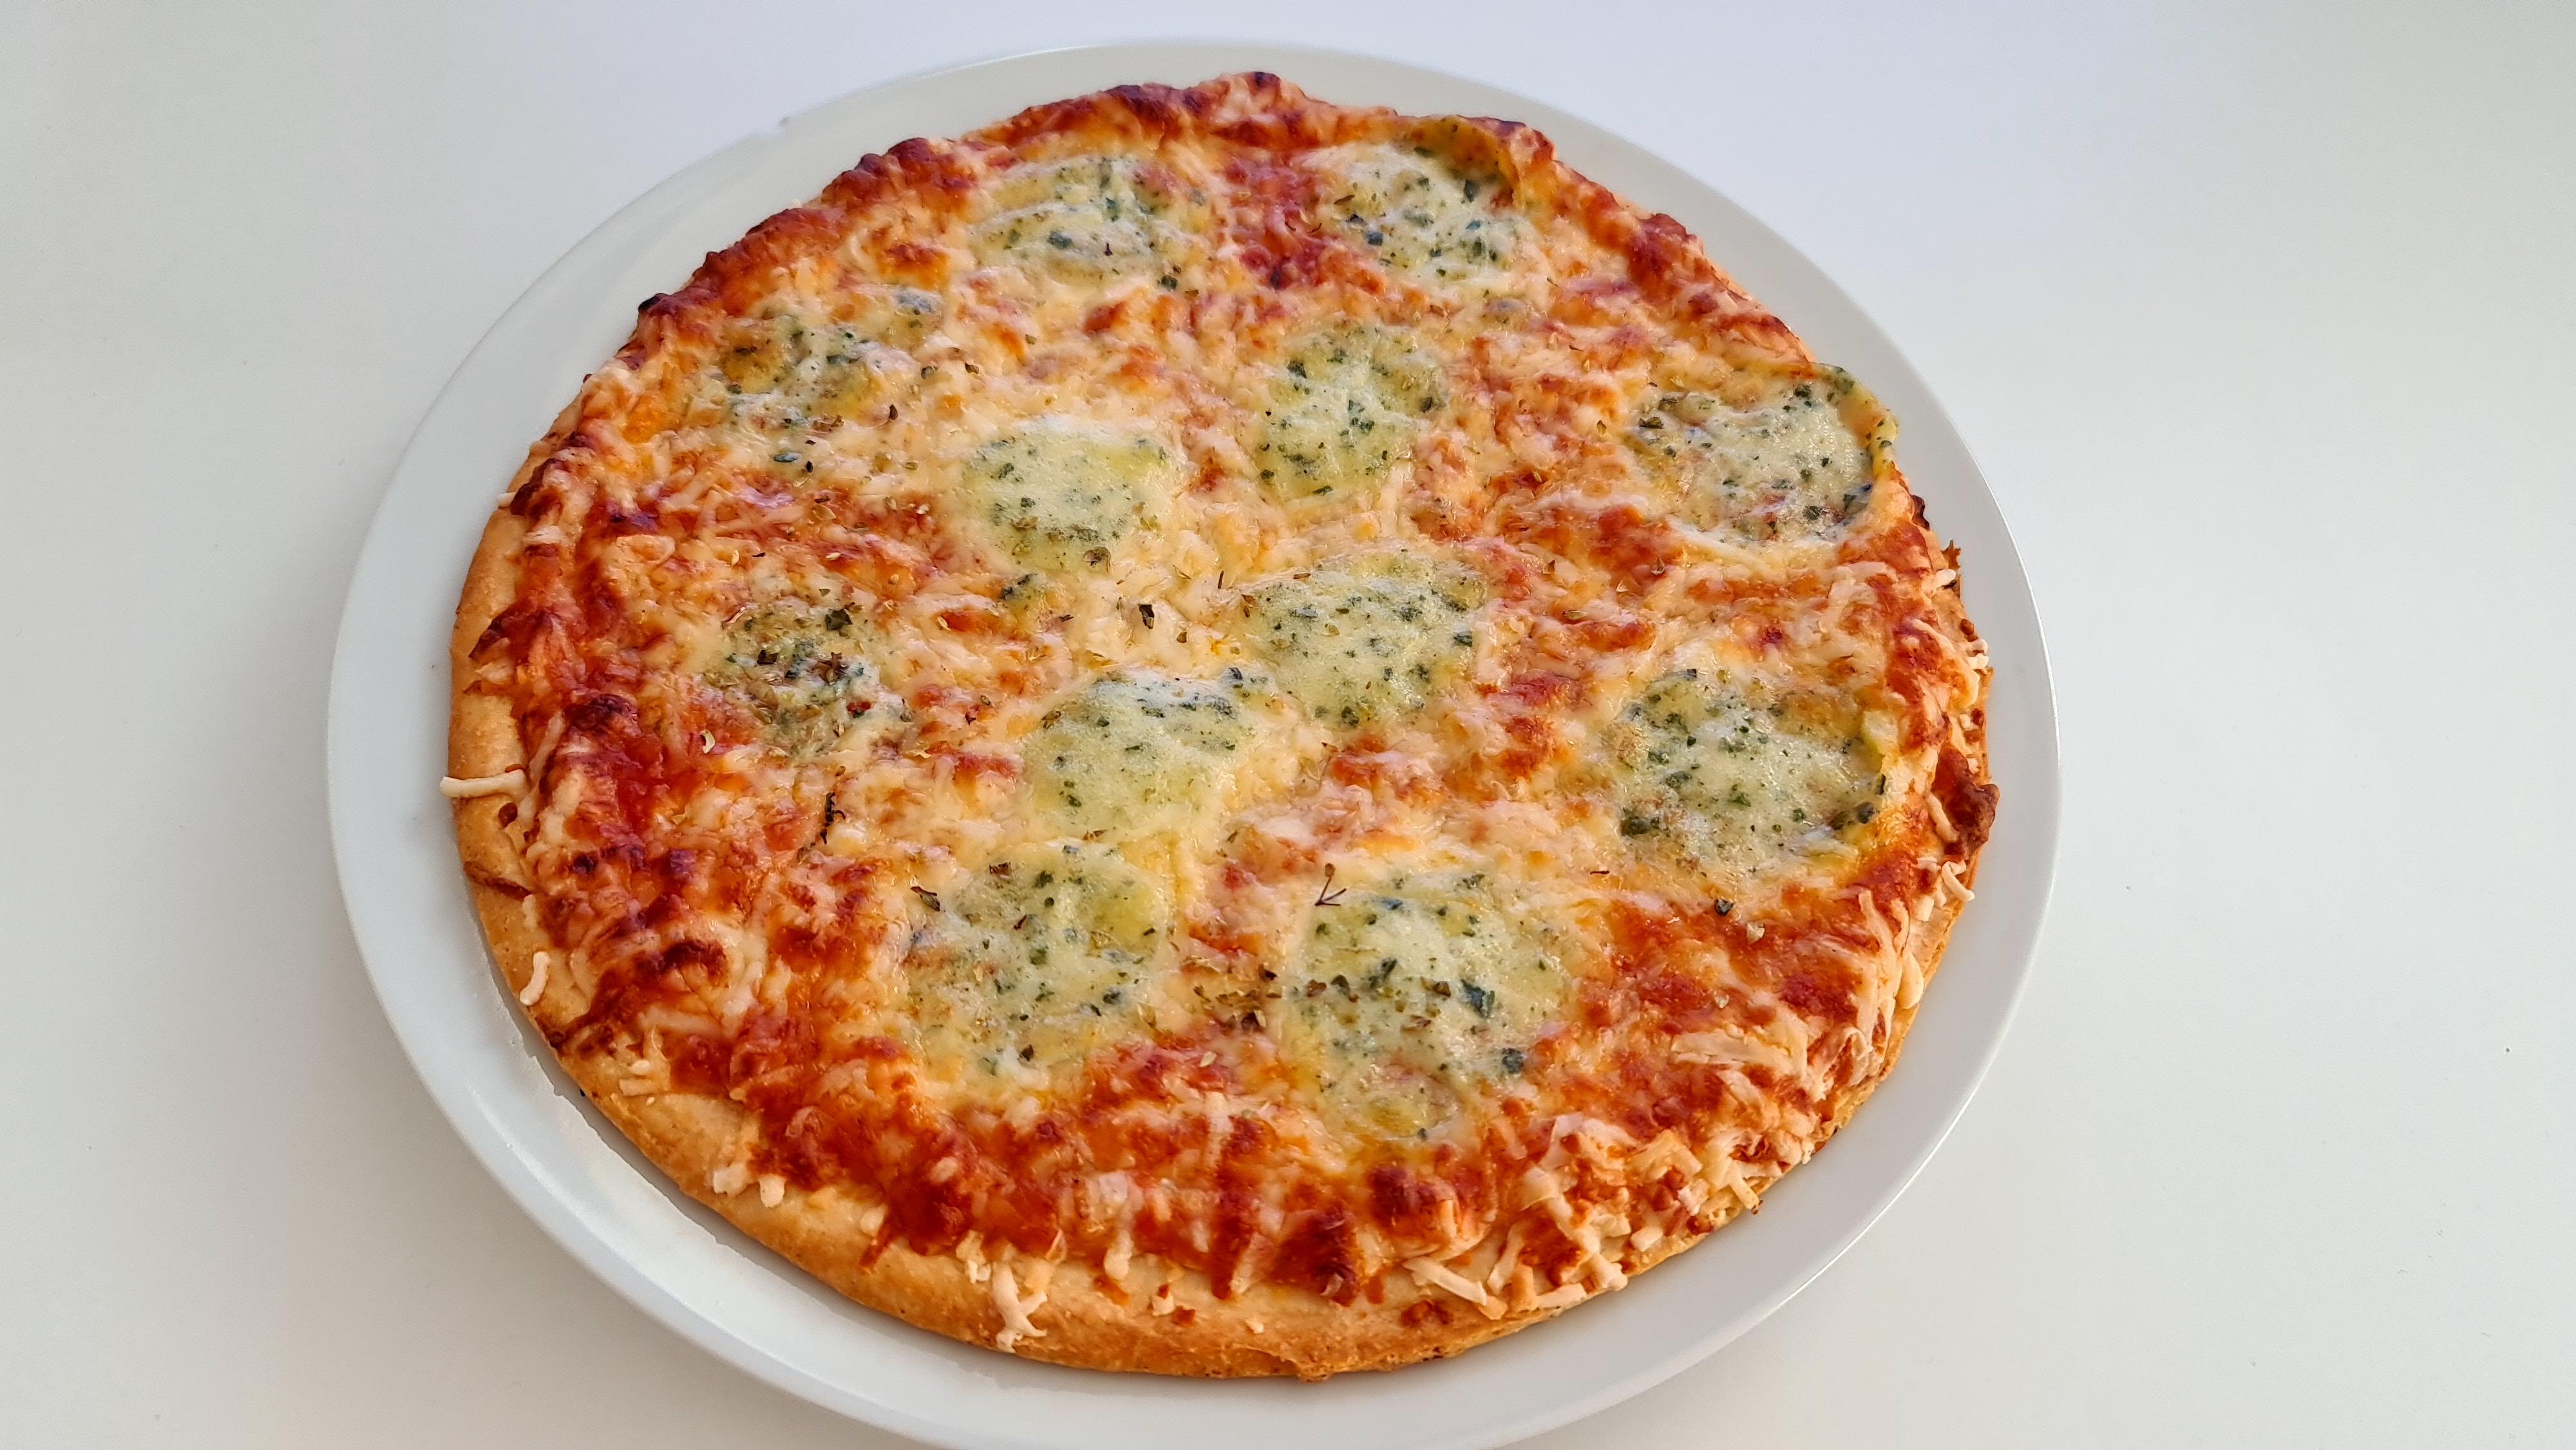 https://foodloader.net/Holz_2020-11-27_Pizza.jpg